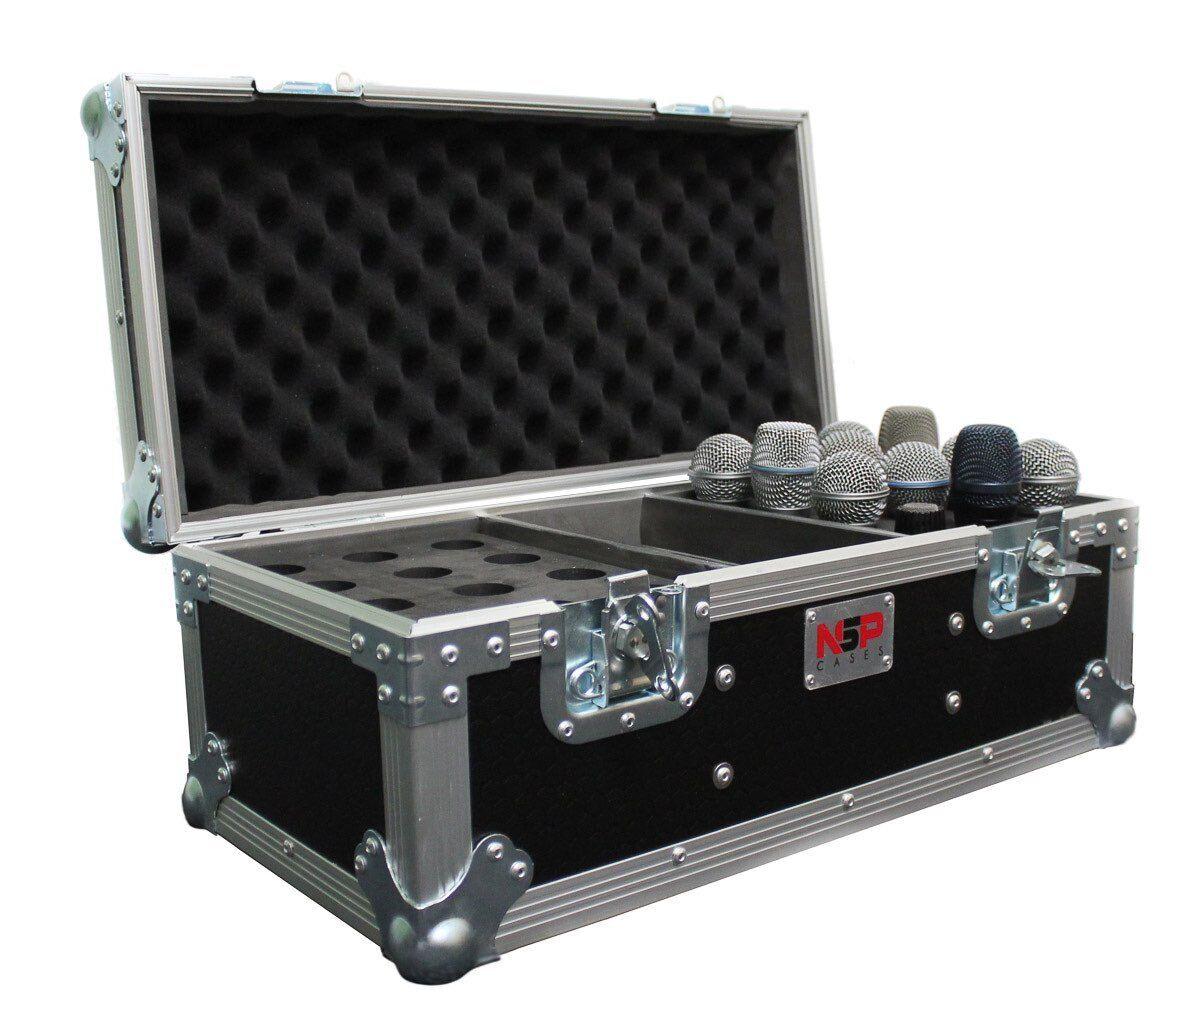 Mikrofon Flight Case zu Laden bis zu 24 Mikrofone & Zubehör